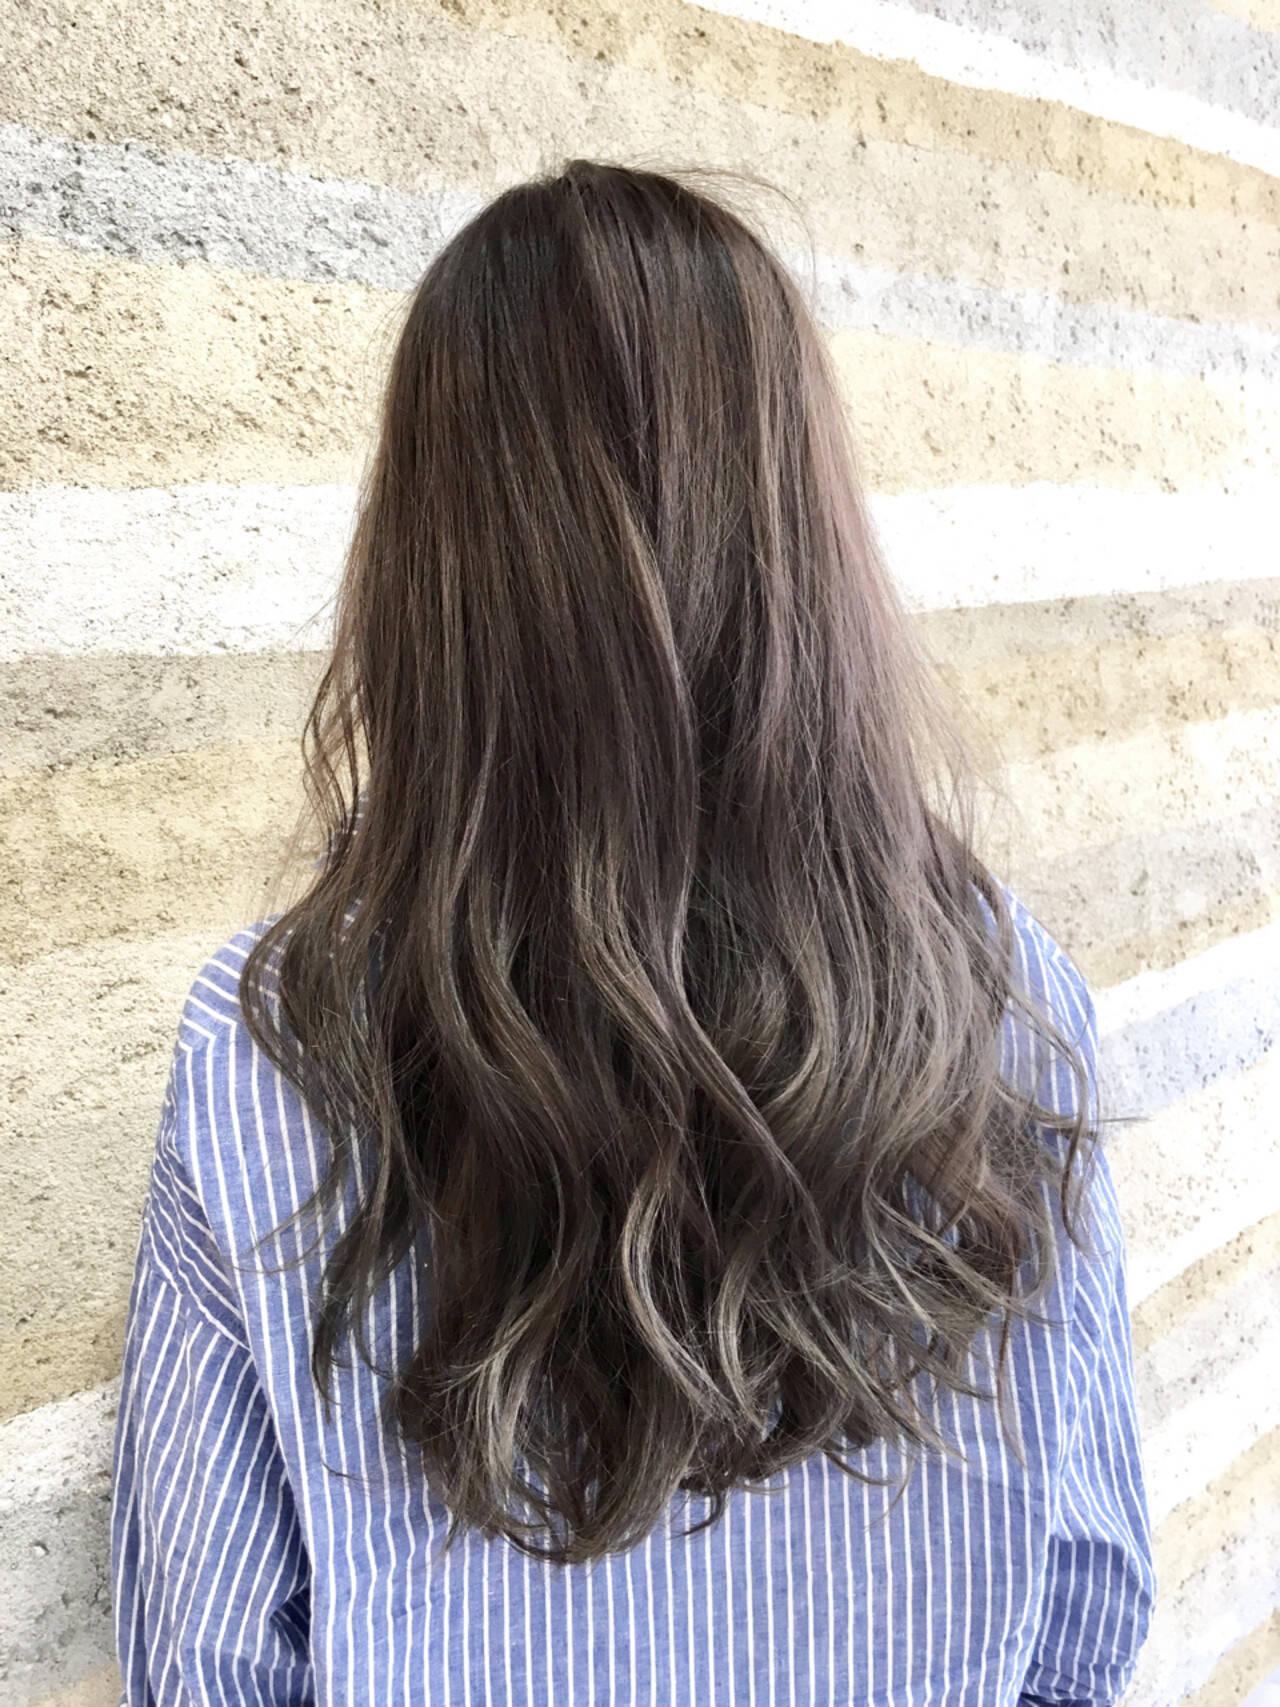 グラデーションカラー ロング アンニュイ ハイライトヘアスタイルや髪型の写真・画像